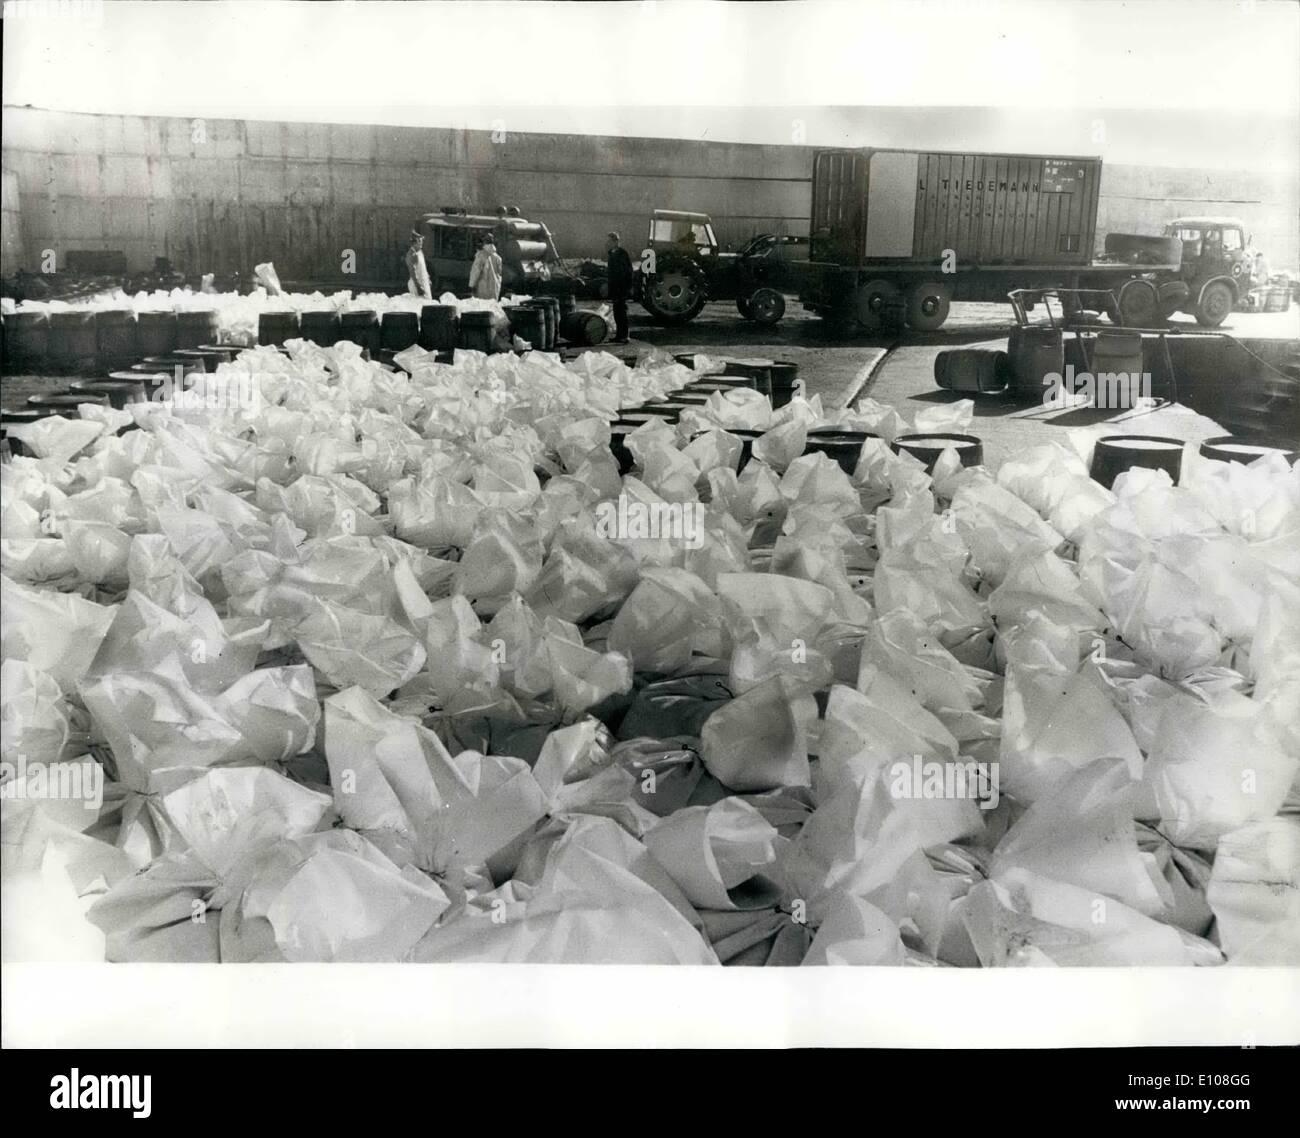 3. März 1970 - Datensatz irischen Hering fangen geht zum Kontinent im Kunststoff-Koffer: mit Auktion Geld von 10.000 Tonnen Hering sicher untergebracht in den Banken, die Schleppnetzfischer verlassen Dunmore East, Co. Waterford, nachdem das beste Saison auf Rekord - Doppel der 1968 / 69 Fang fangen: 10.000 Tonnen repräsentieren 65.000 Cran (37 1/2 Gallonen) rund 70 irischer Hand Schiffe aufgeteilt. Ein Spolesman für den irischen Fischerei-Vorstand sagte, dass es sehr viel von der '' phänomenal '' Größe der Fang der Saison überrascht Stockbild